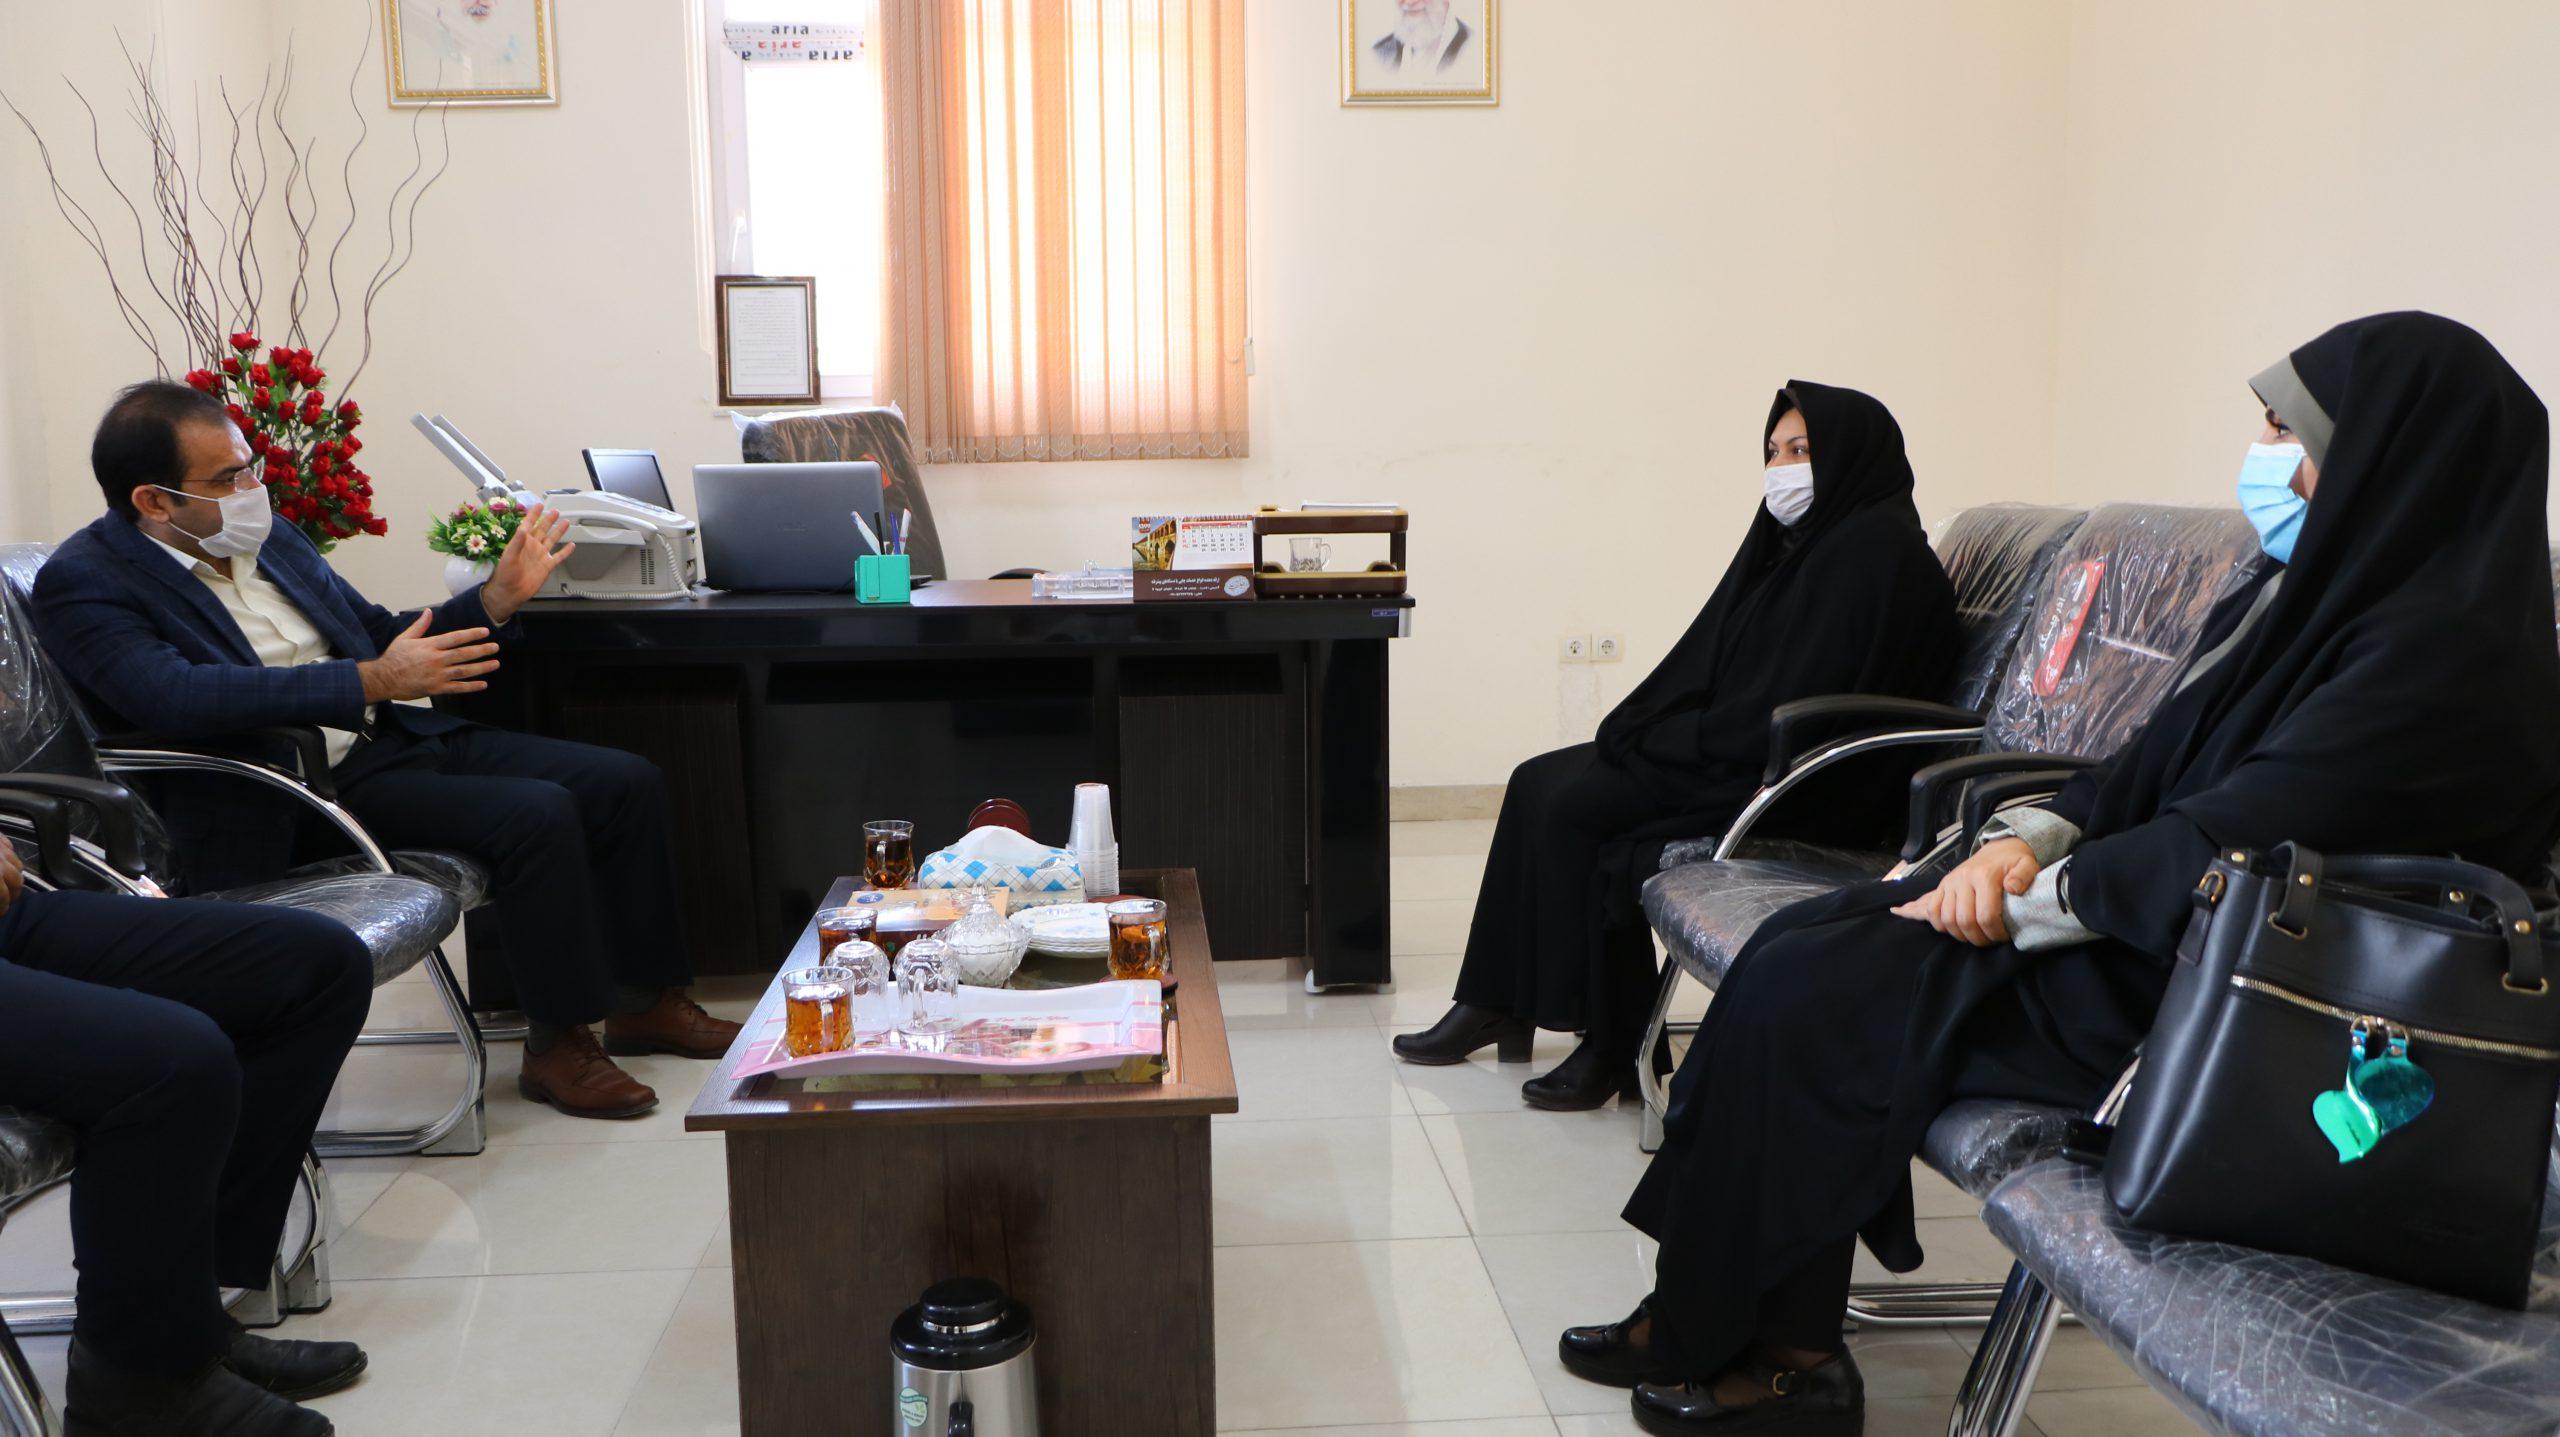 دیدار رییس مرکزآموزش عالی لامرد با سرپرست جدید اداره فرهنگ و ارشاد اسلامی لامرد